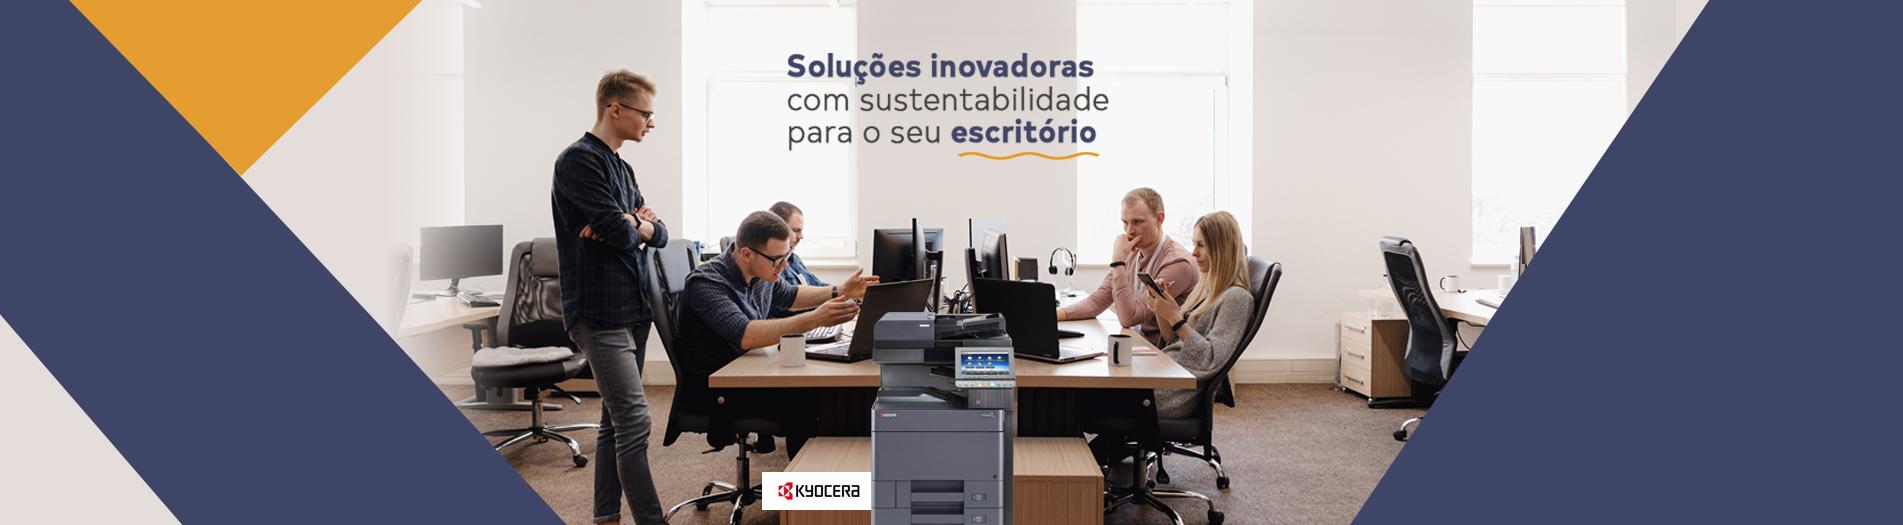 Soluções inovadoras com sustentabilidade para o seu escritório